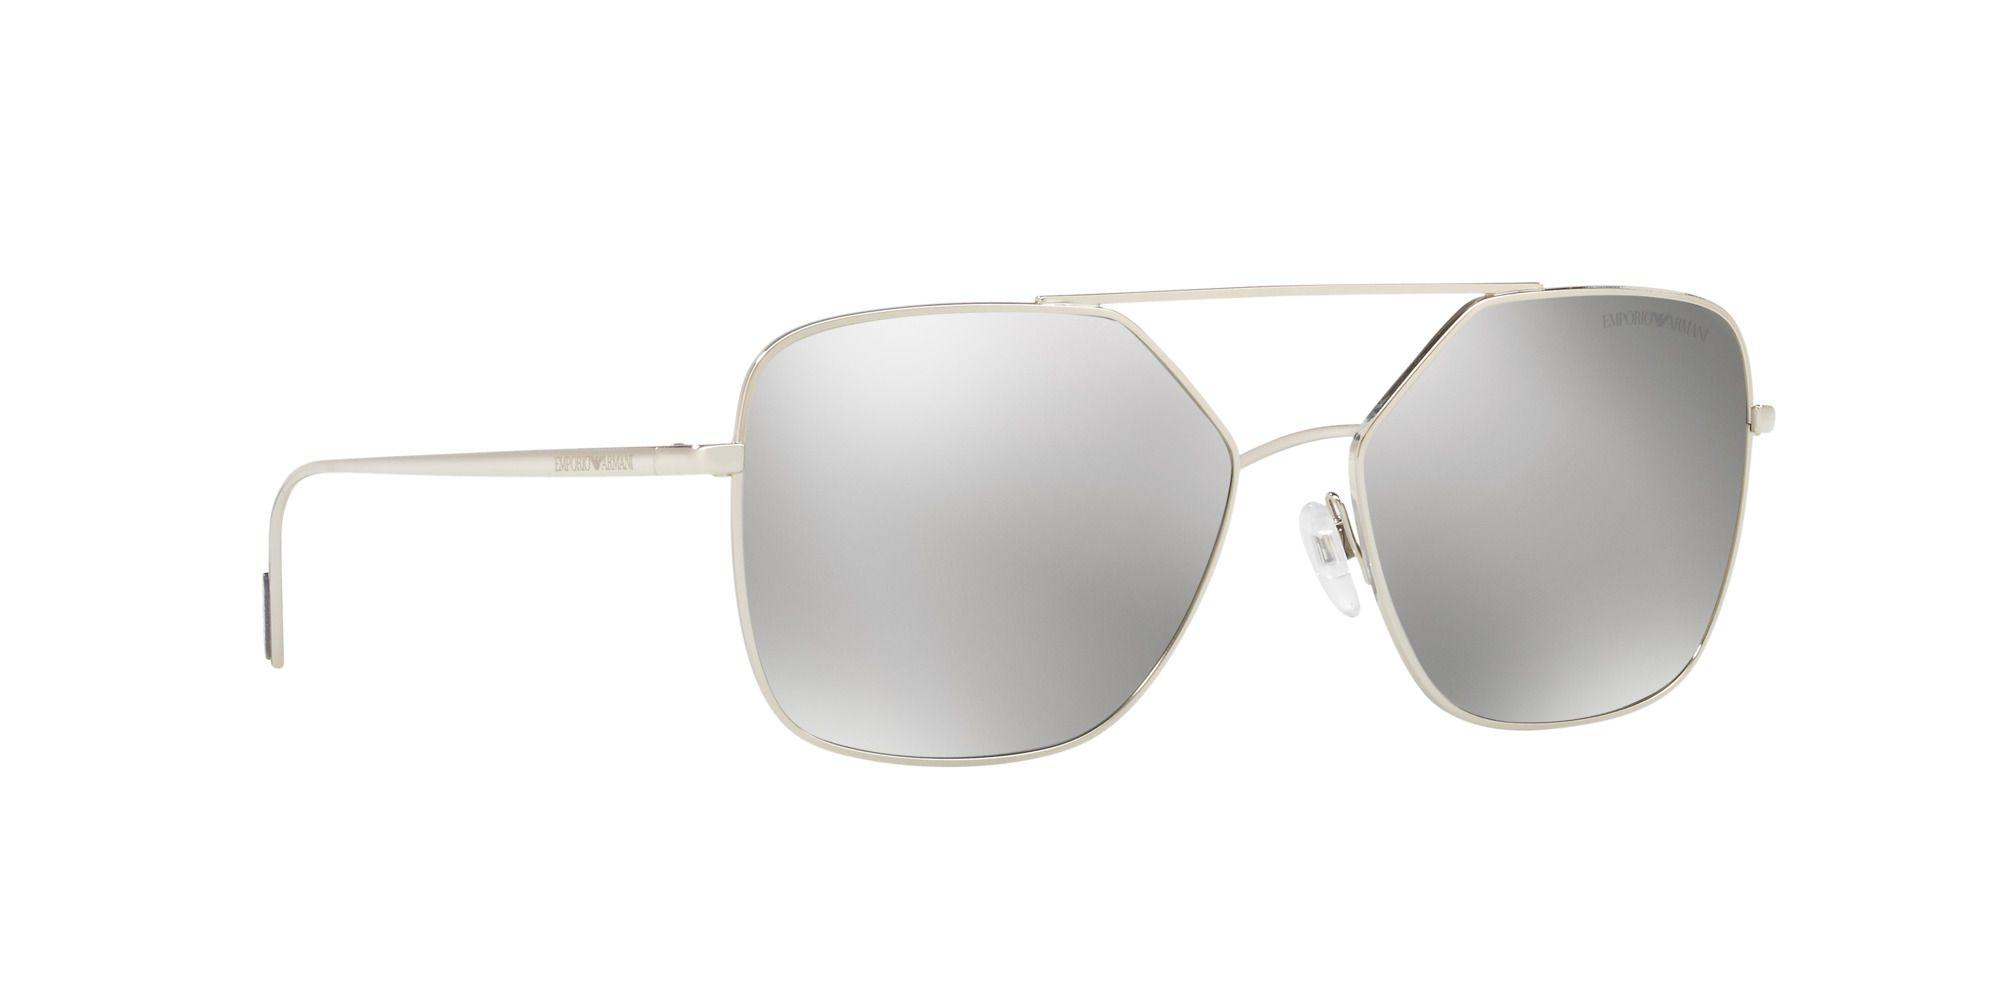 482daf07dae2 Emporio Armani Silver Ea2053 Square Sunglasses in Metallic for Men ...